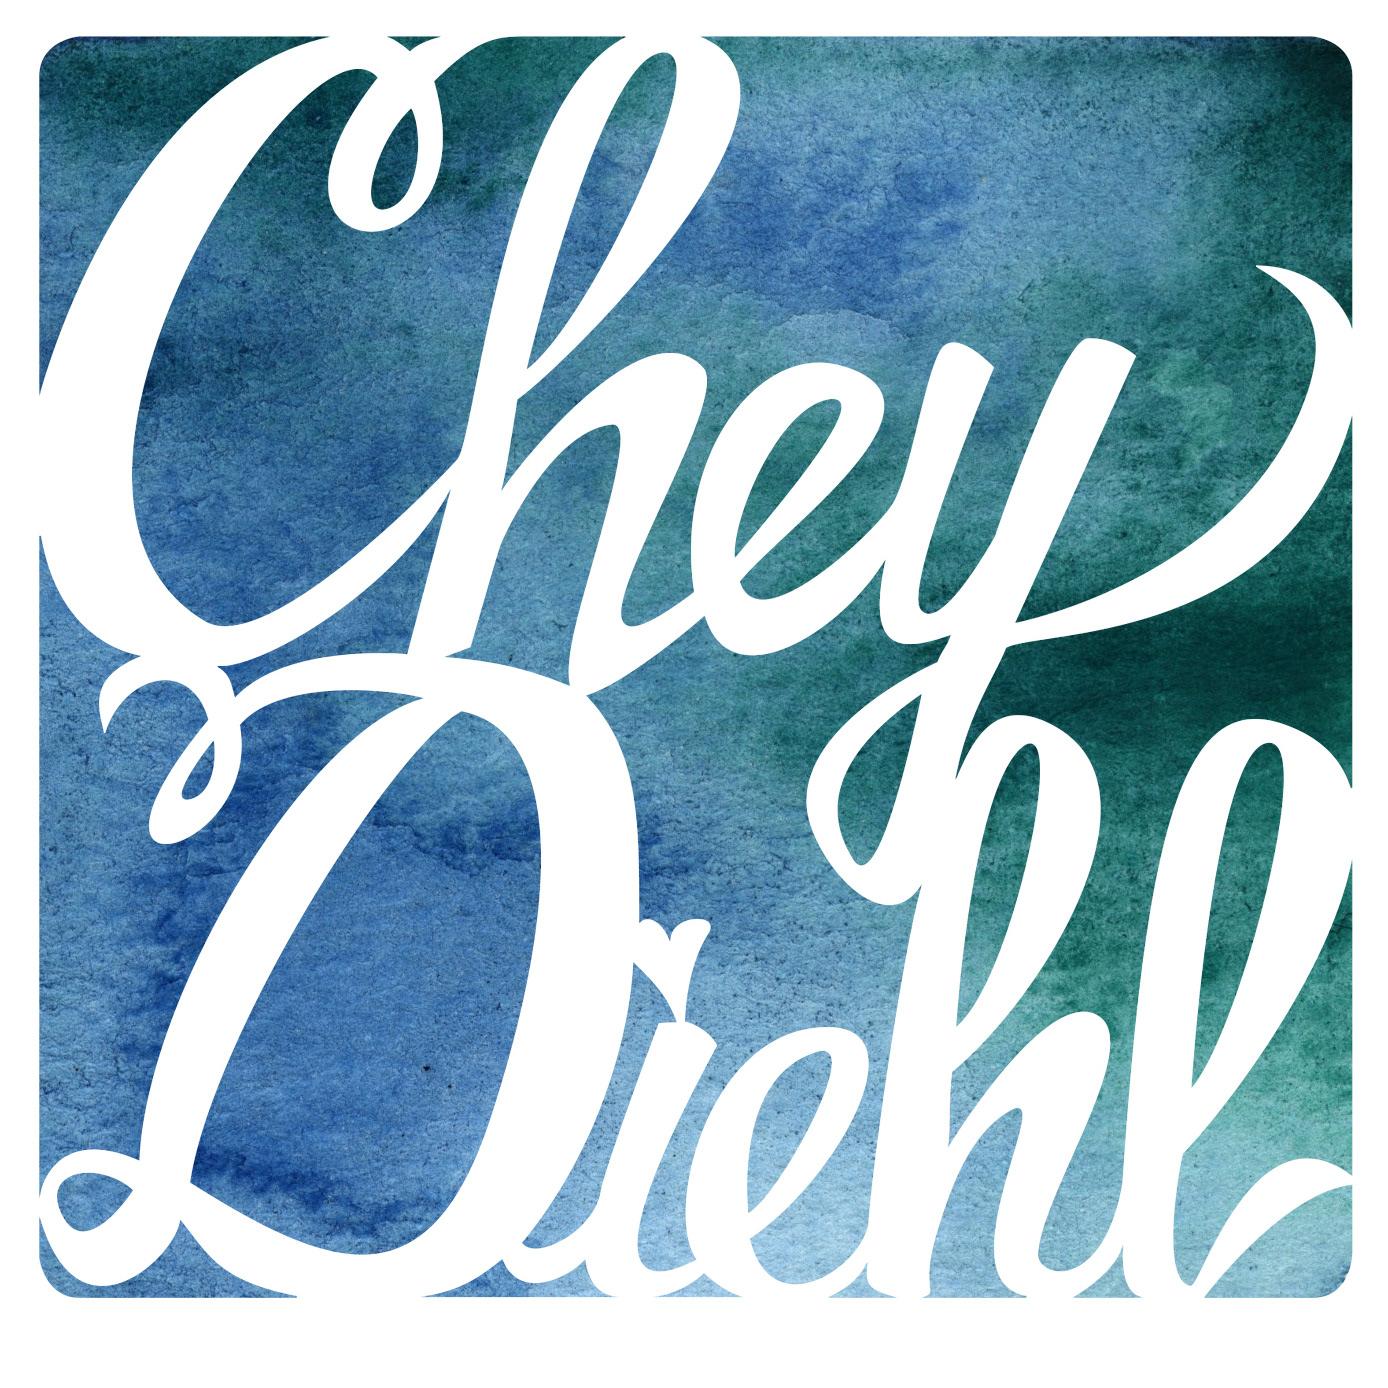 Chey Diehl